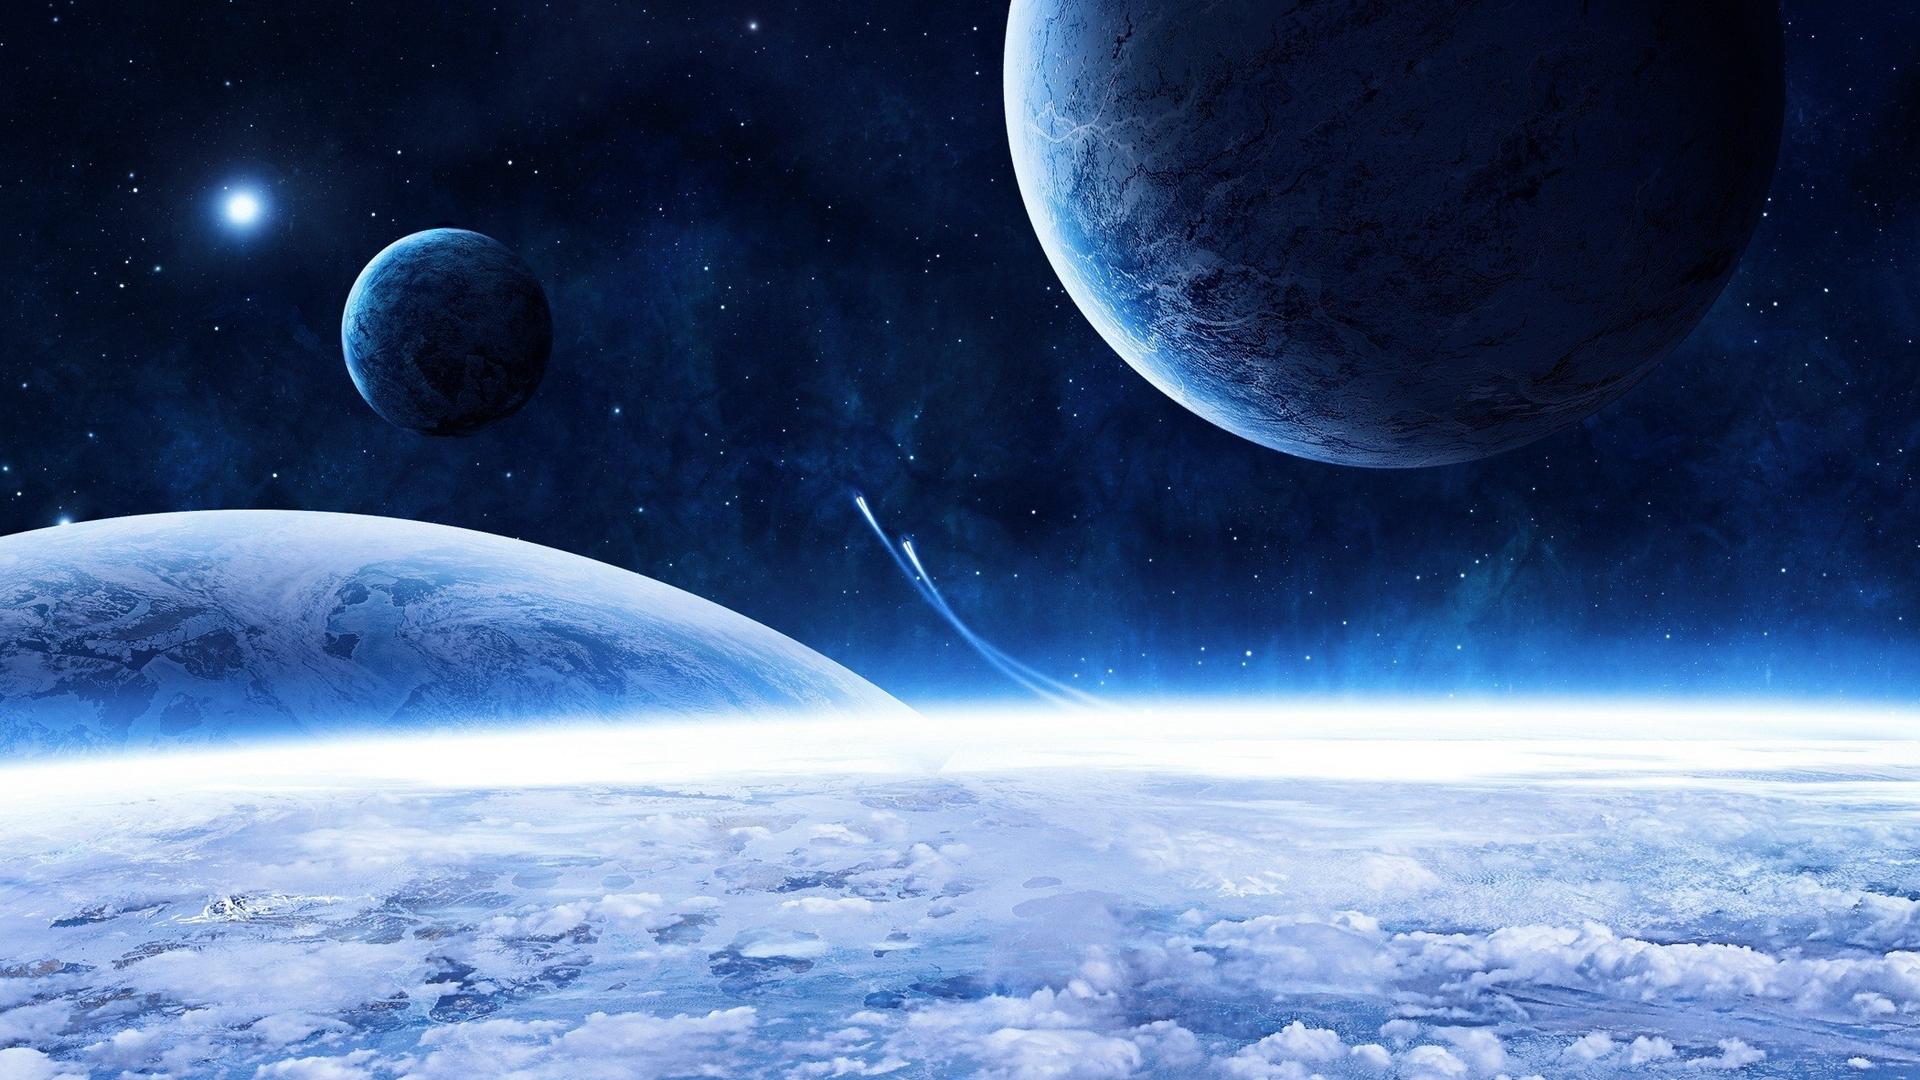 Обои космический корабль планета картинки на рабочий стол на тему Космос - скачать  № 3950431 бесплатно